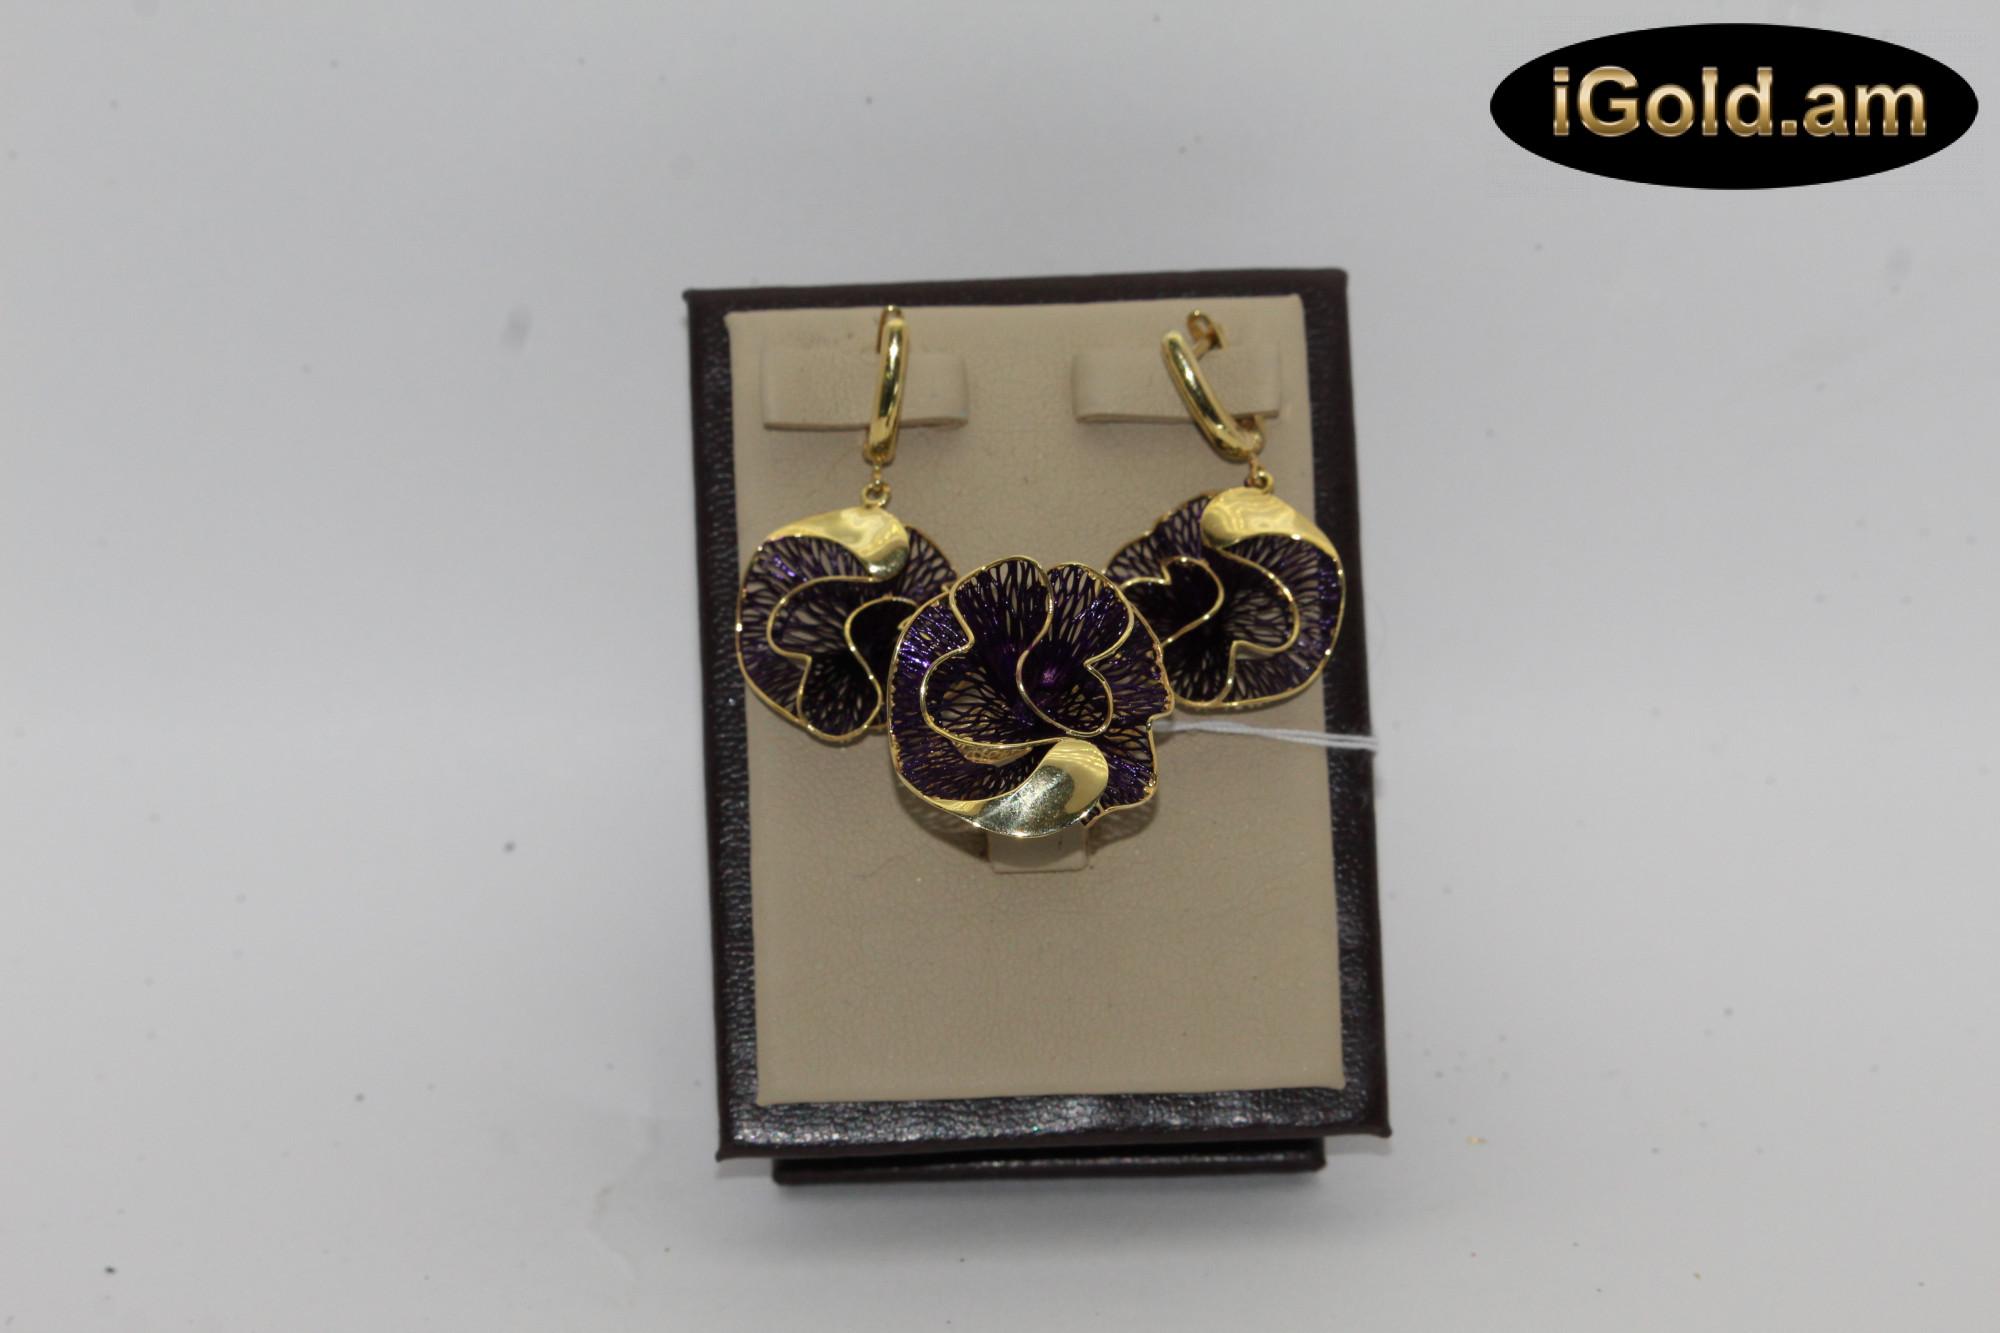 Ոսկյա կանացի հավաքածու - 10 գր - կոդ 139-121 voskya kanaci havaqacu - 10 gr